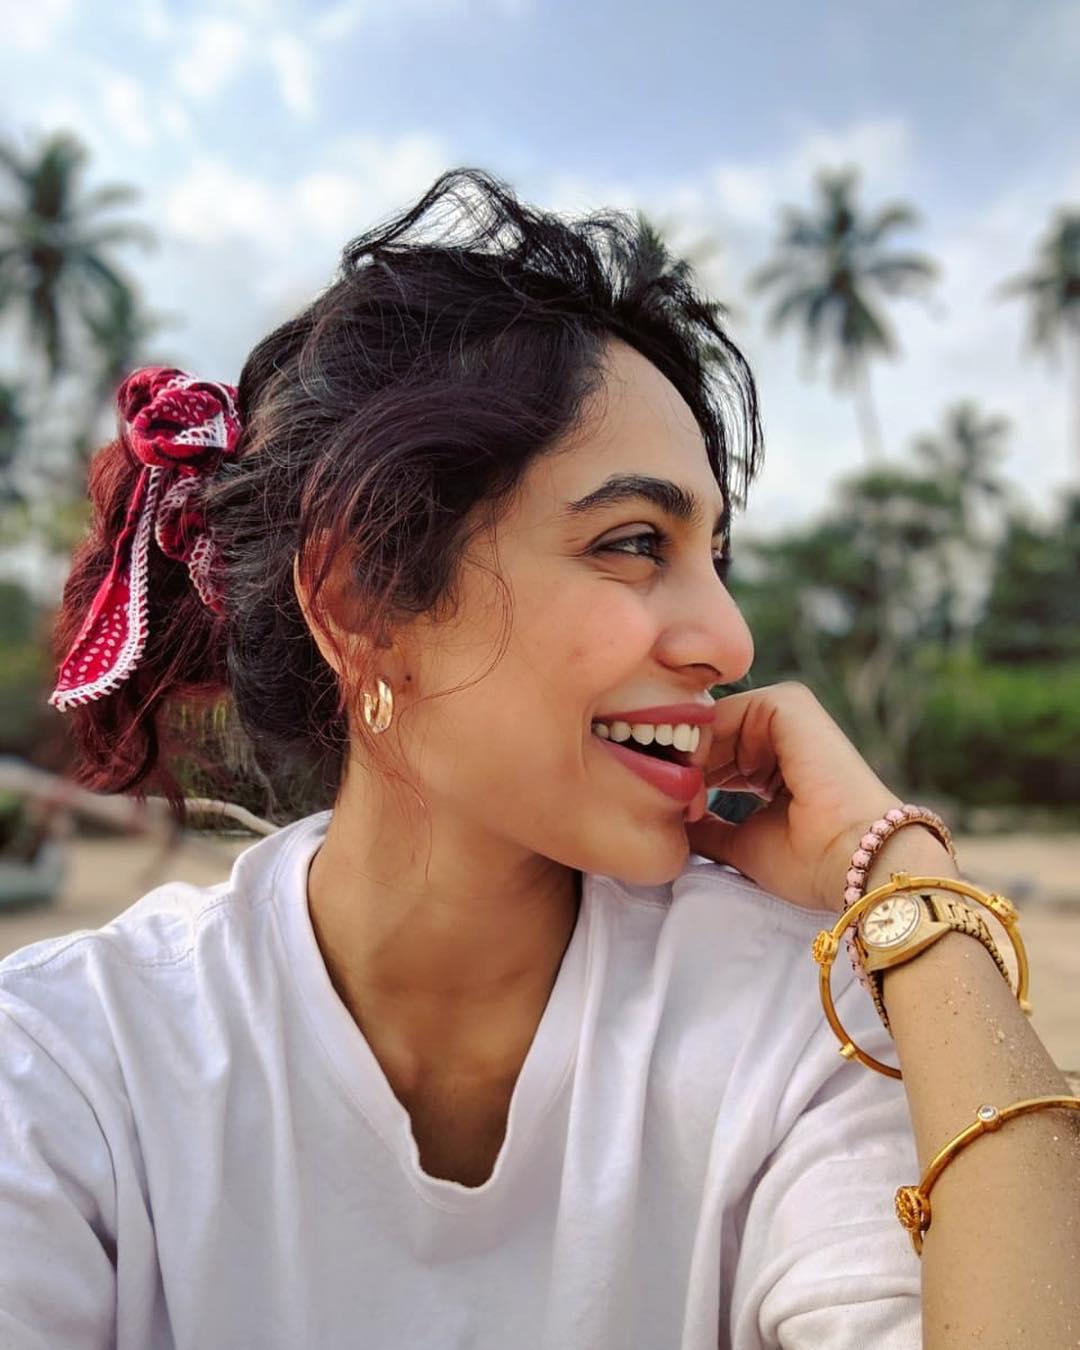 శోభితా ధూళిపాల హాట్ ఫోటోస్ Photo: Instagram/sobhitad